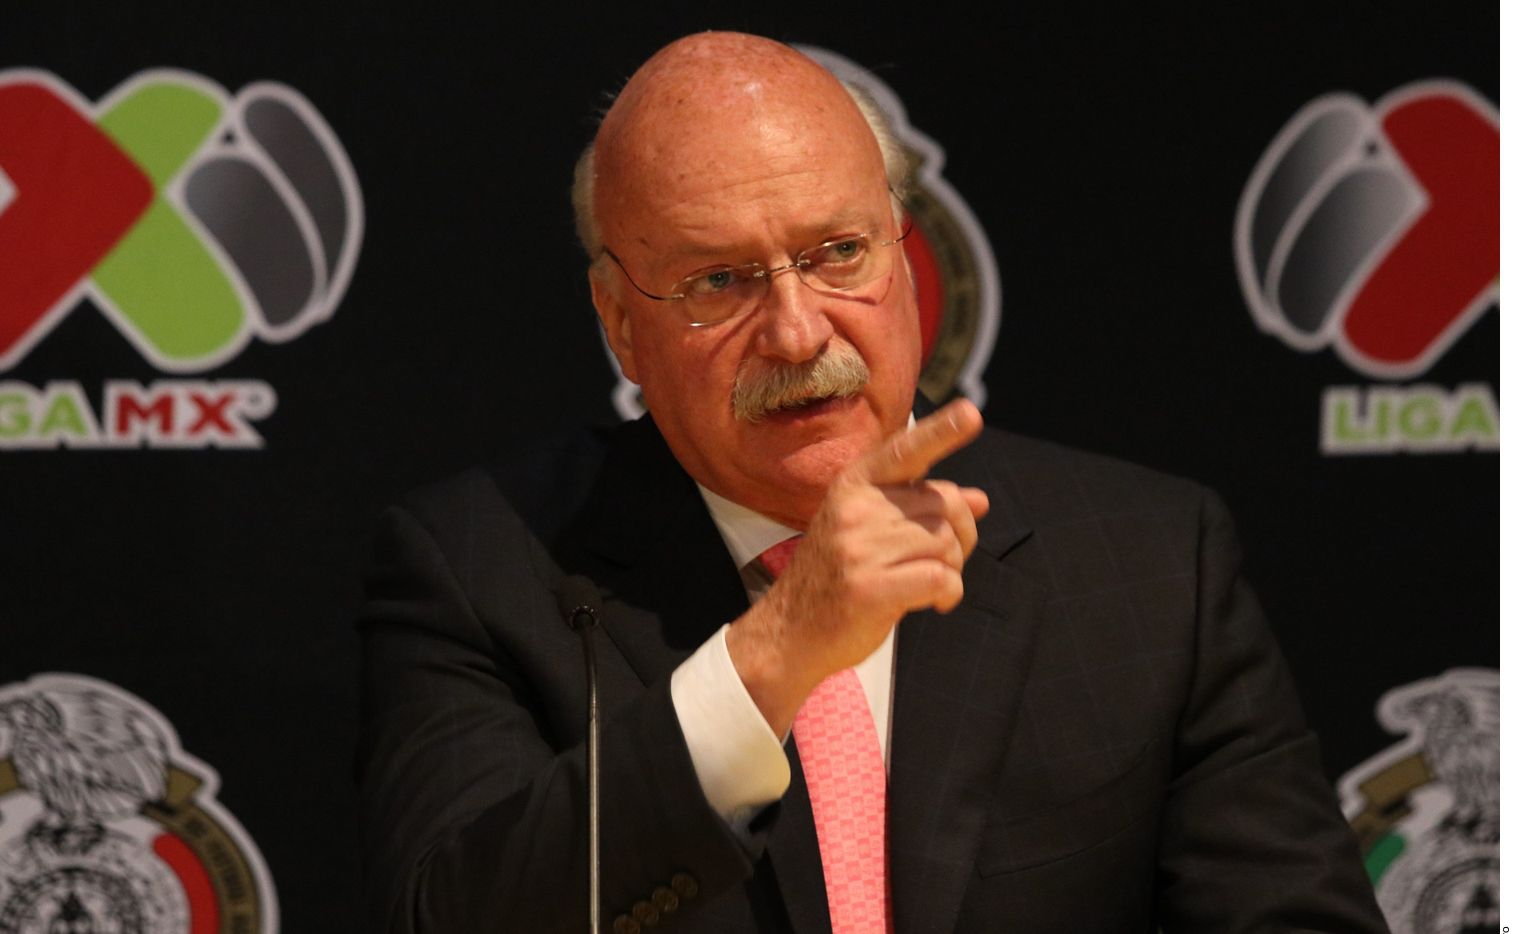 Enrique Bonilla, el presidente del futbol mexicano, tiene coronavirus.